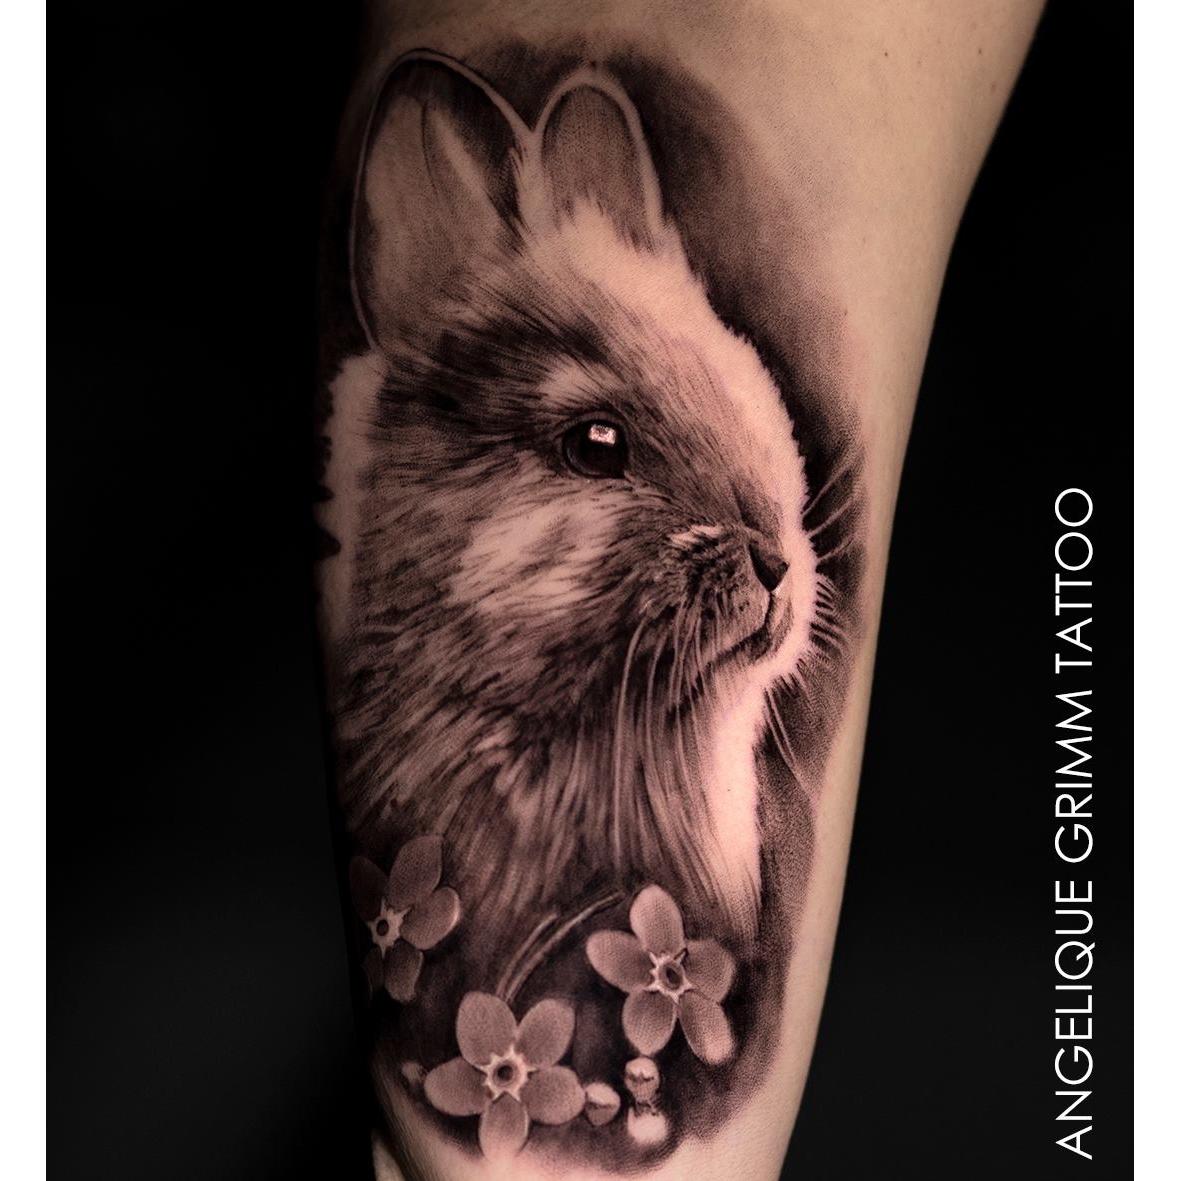 Angelique Grimm - Grimm's Tattoo